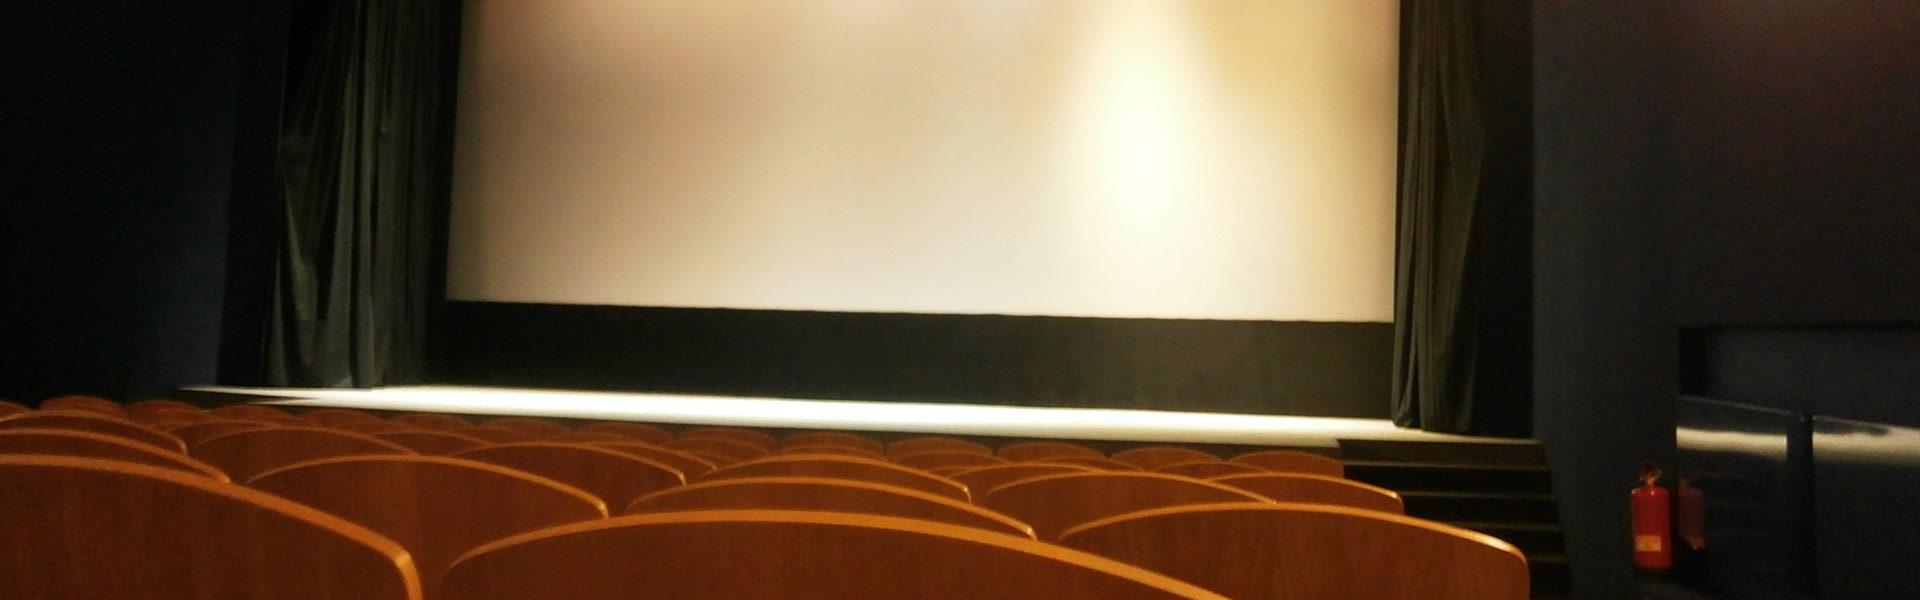 Akustické úpravy jeviště – kino Svratka